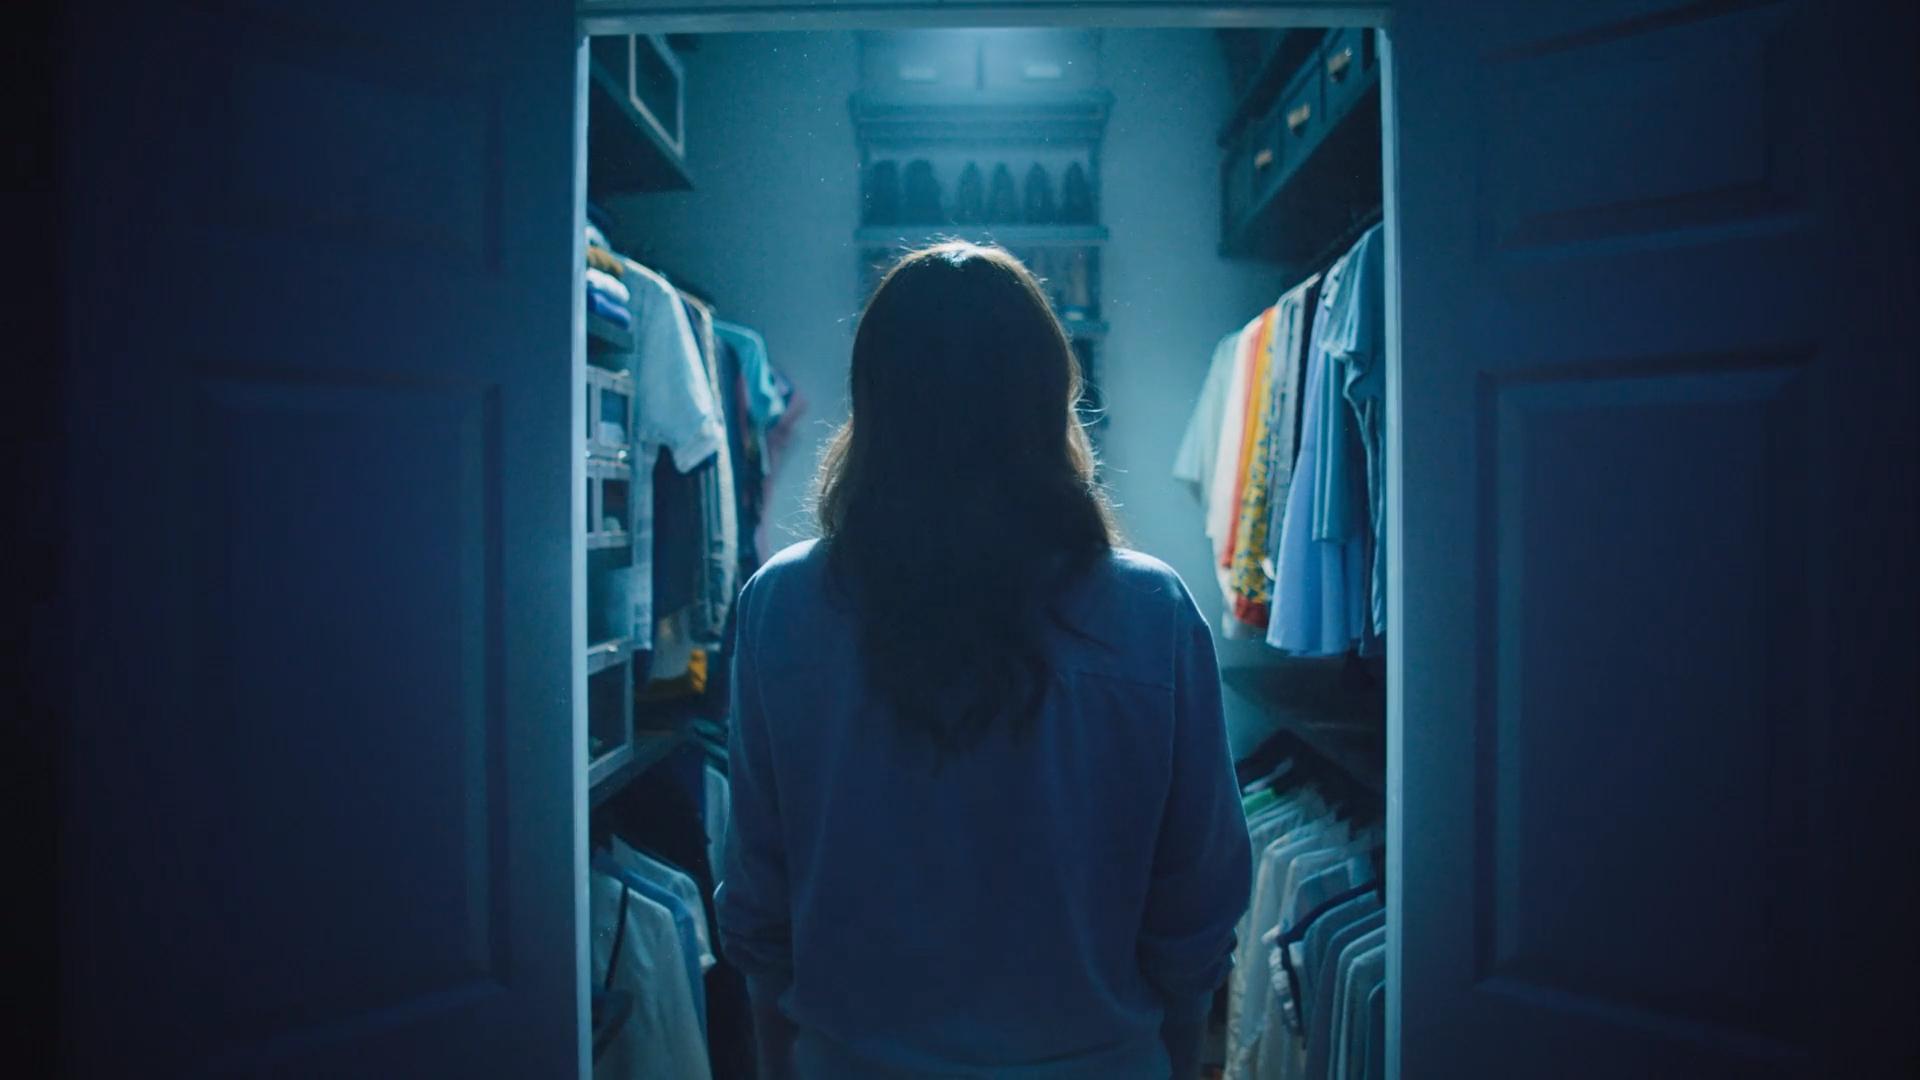 person clothing standing door woman text doorway dark